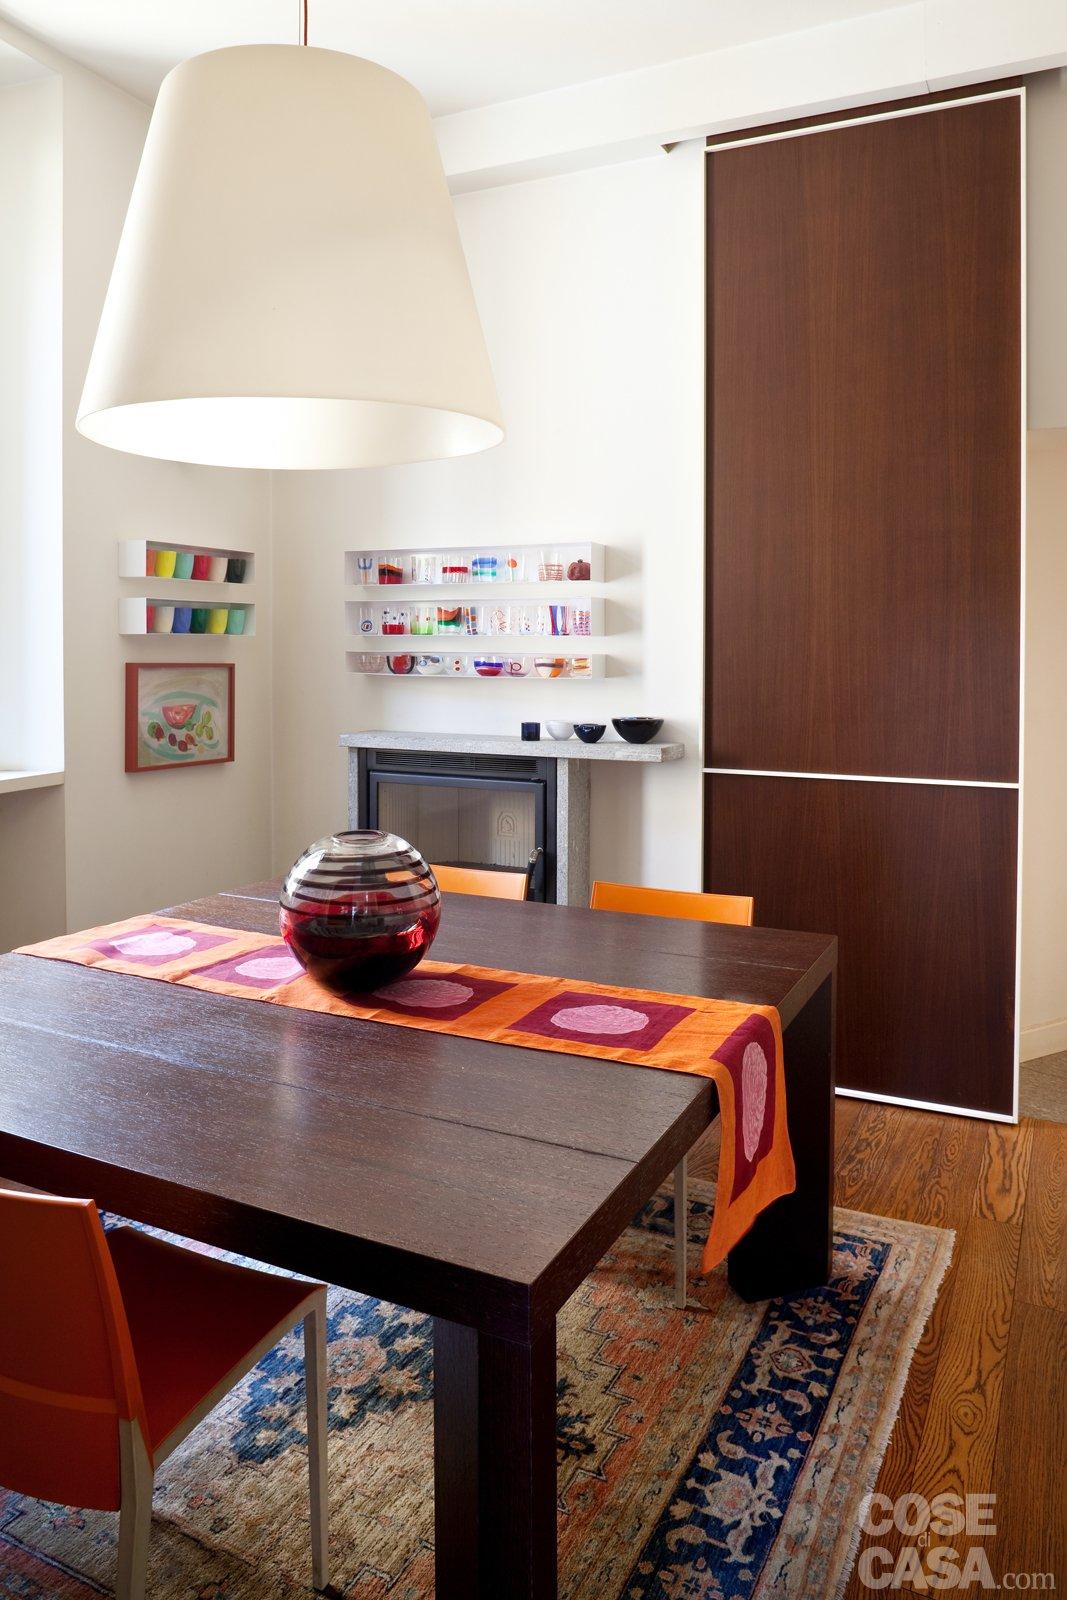 70 mq casa con veranda cose di casa for Casa con veranda